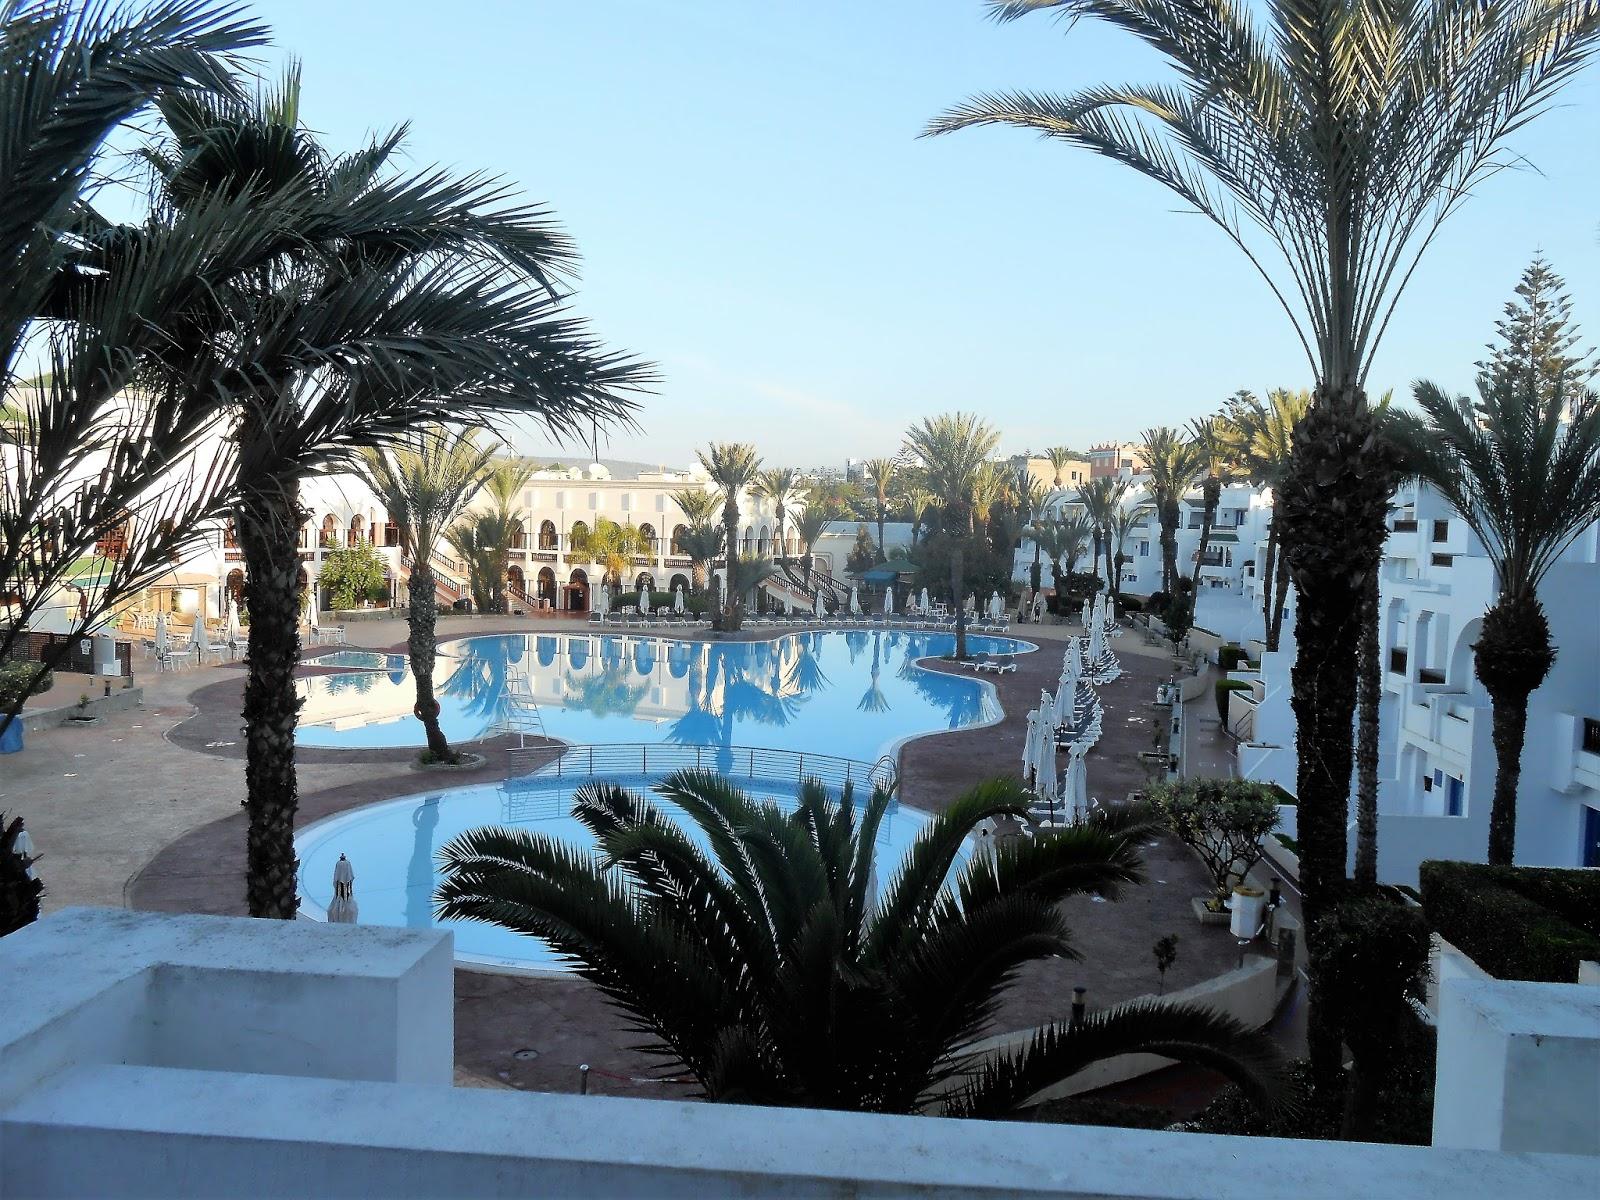 hotell atlantic palace agadir photo tuija järvinen